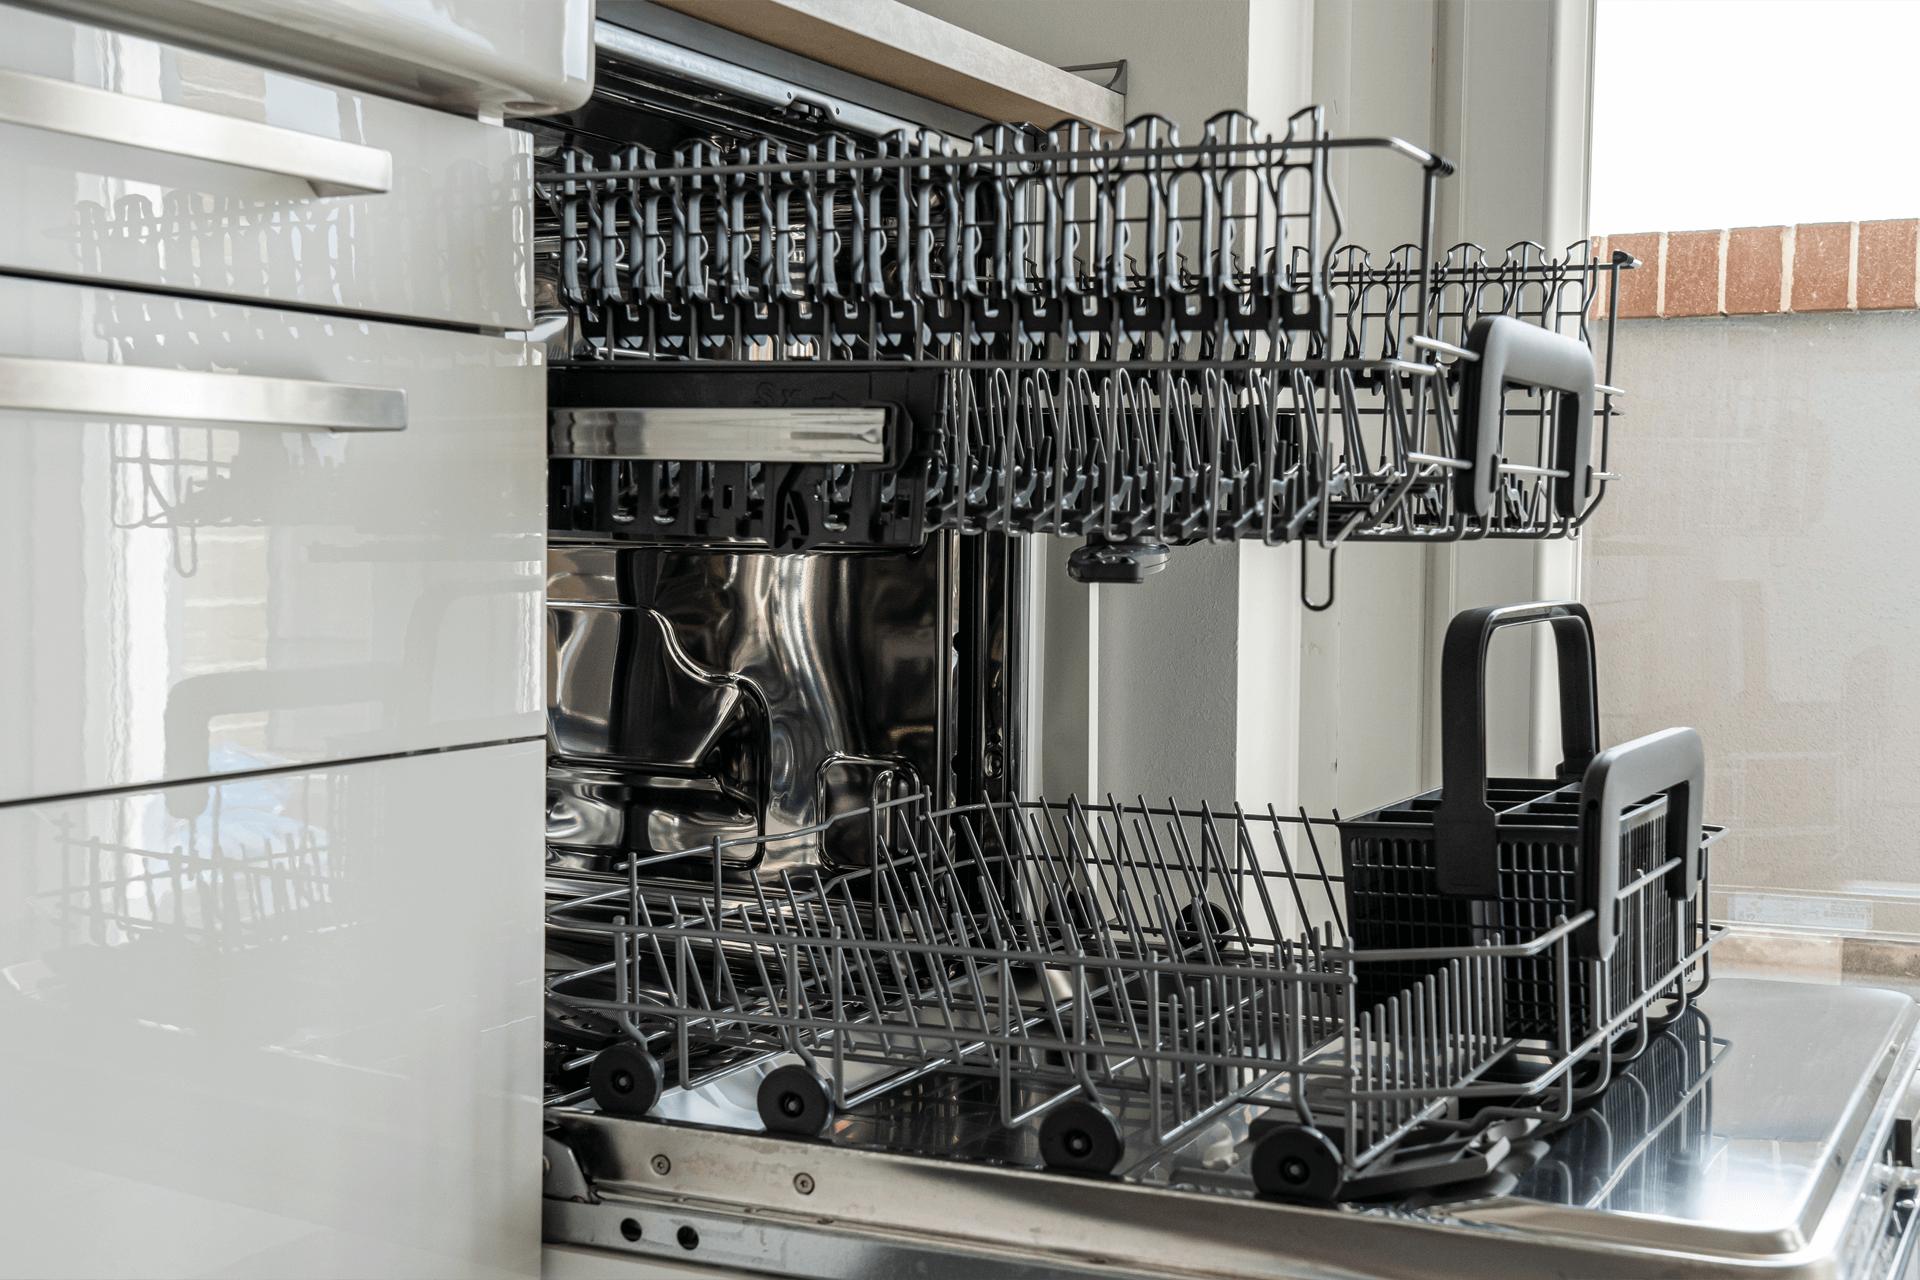 dishwasher-repair-maintenance-nairobi-mombasa-kenya